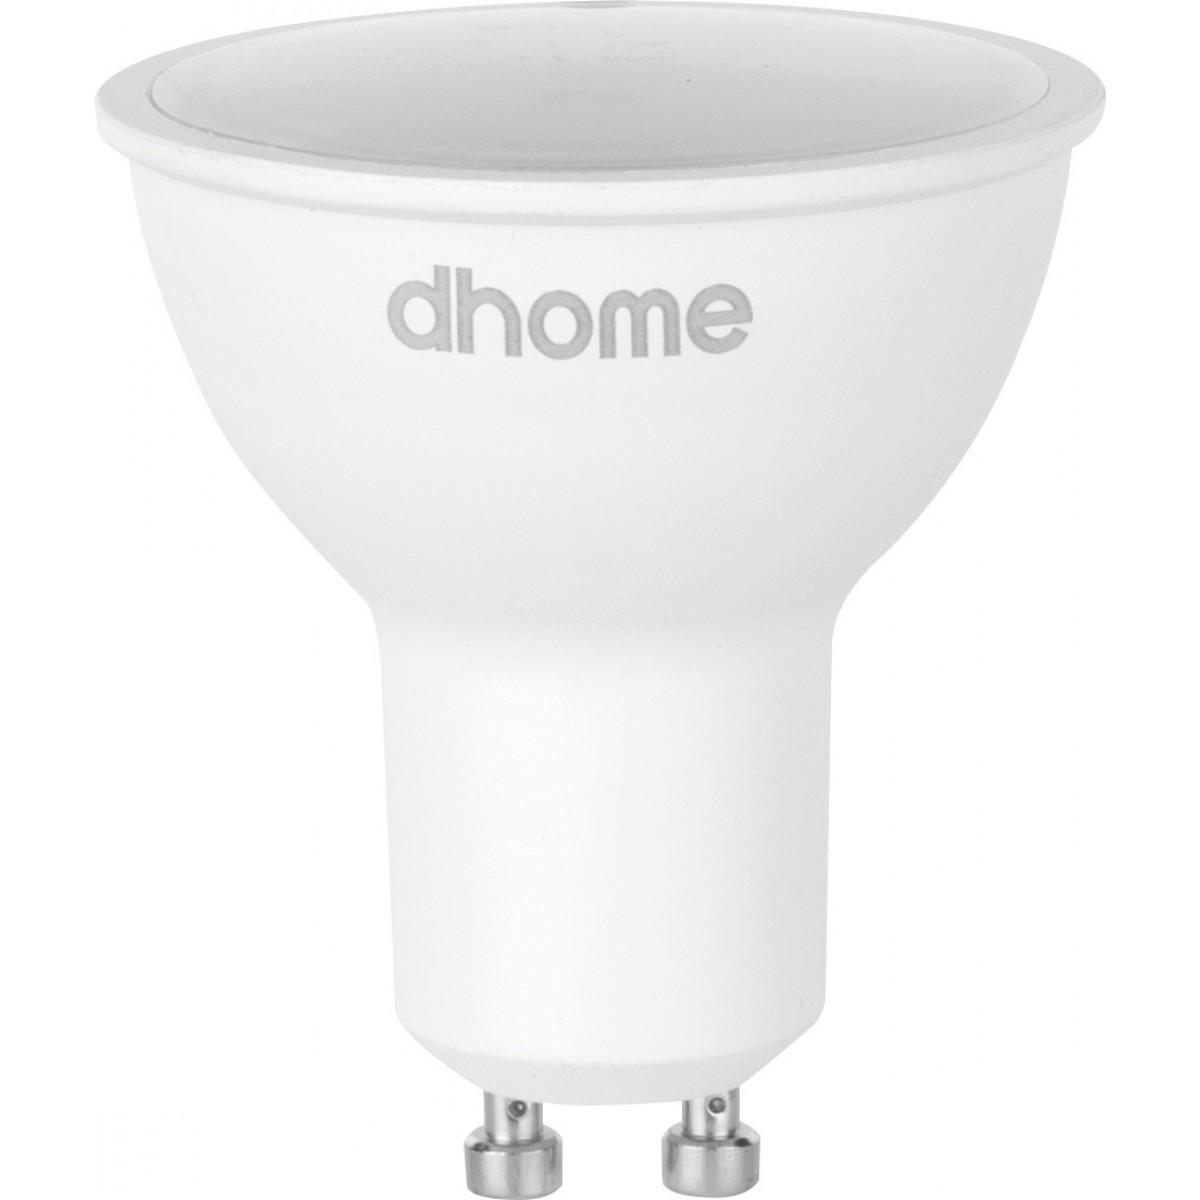 Ampoule LED GU10 dhome - 100° - 350 Lumens - 4 W - 4000 K - Vendu par 10